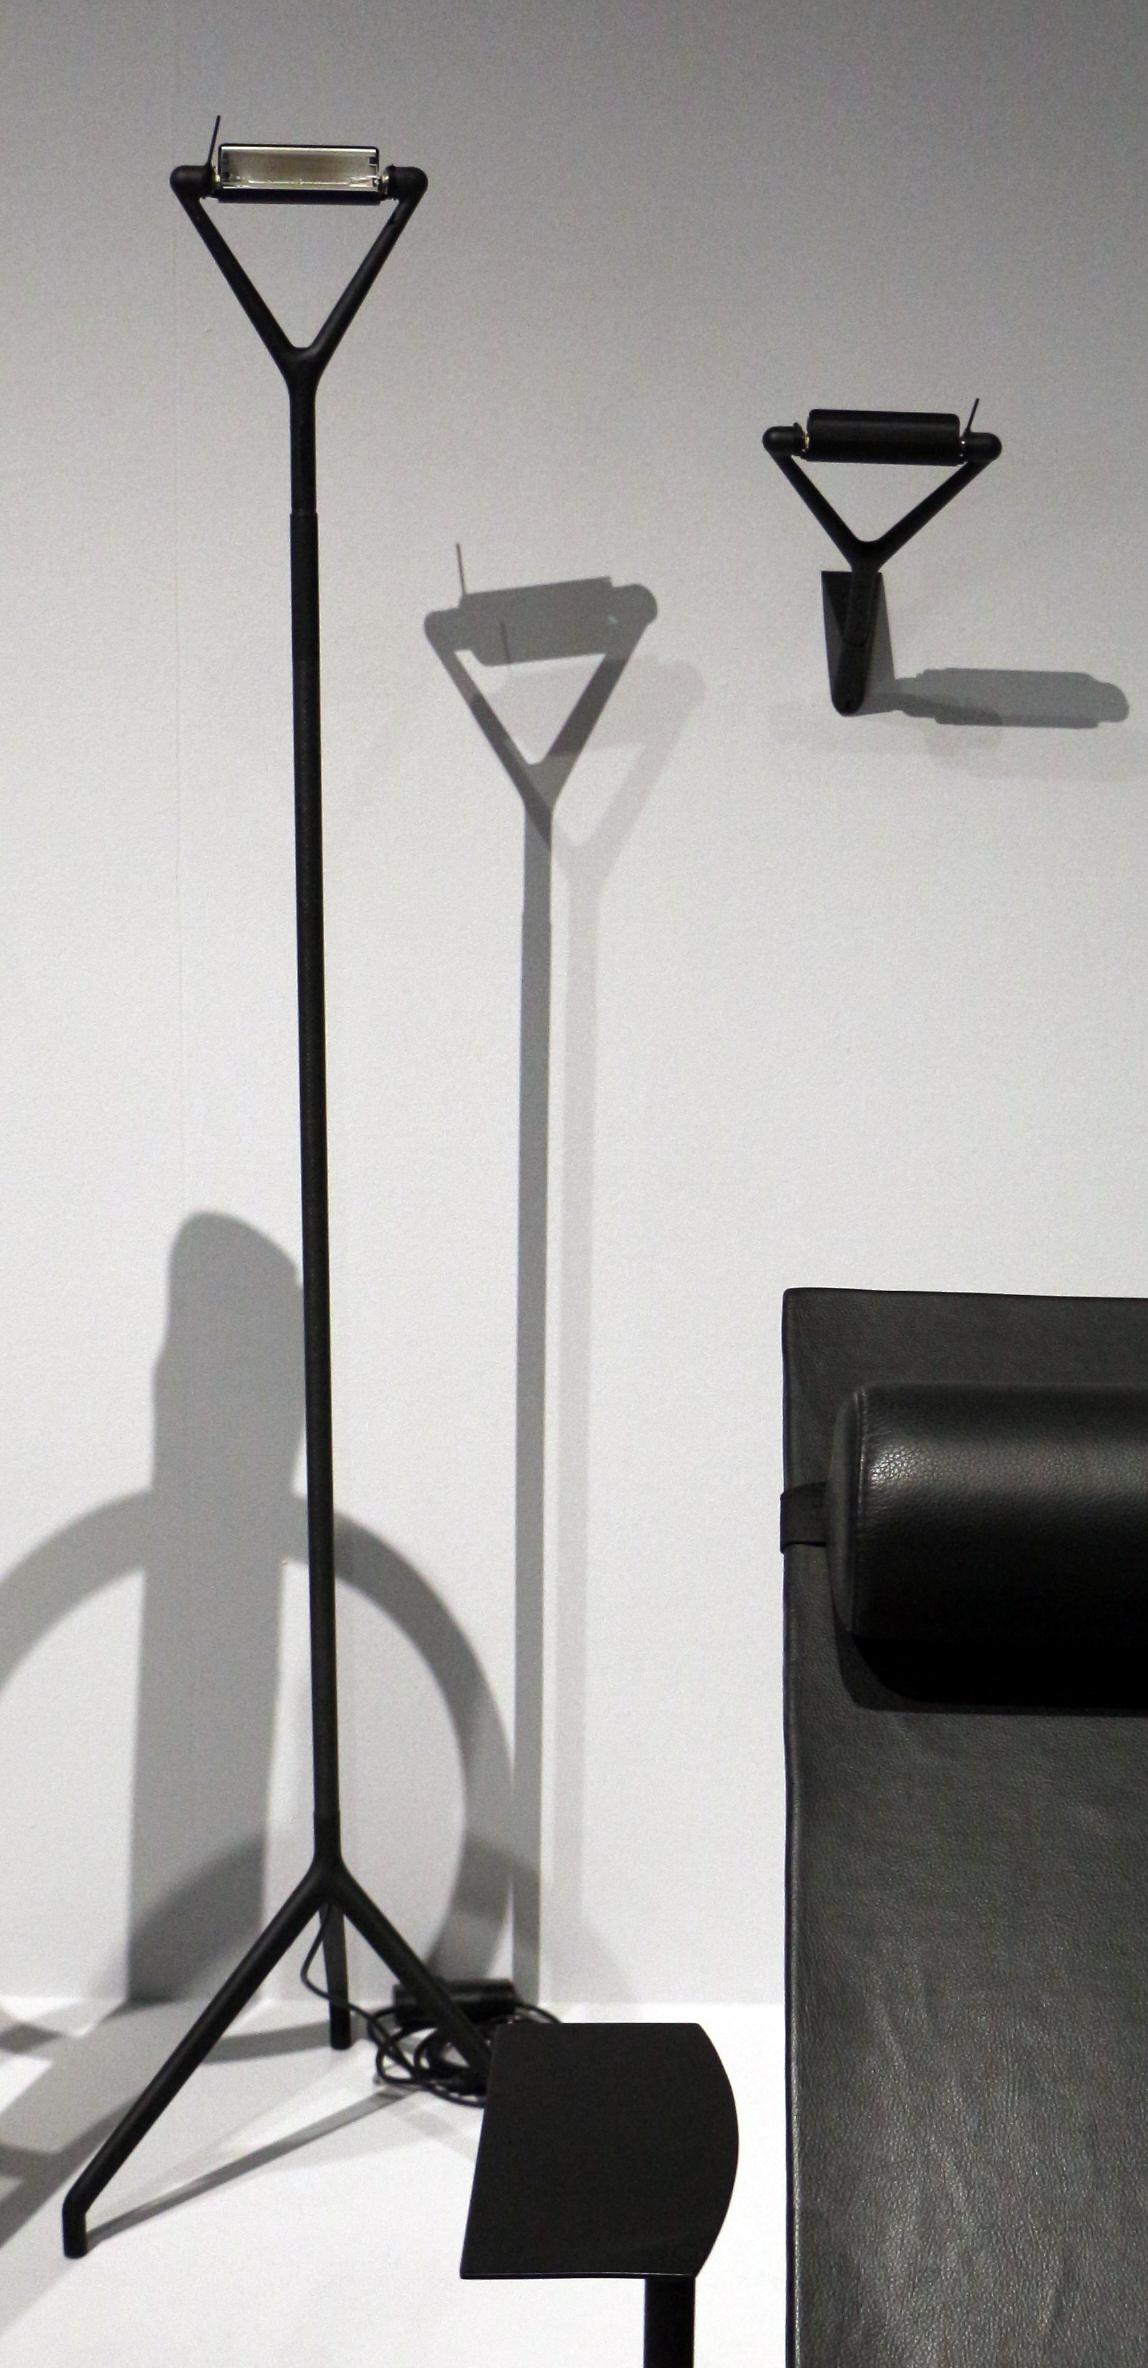 lampadario applique : ... :Paolo rizzato e alberto meda, lampadario e applique lola, 1987.JPG